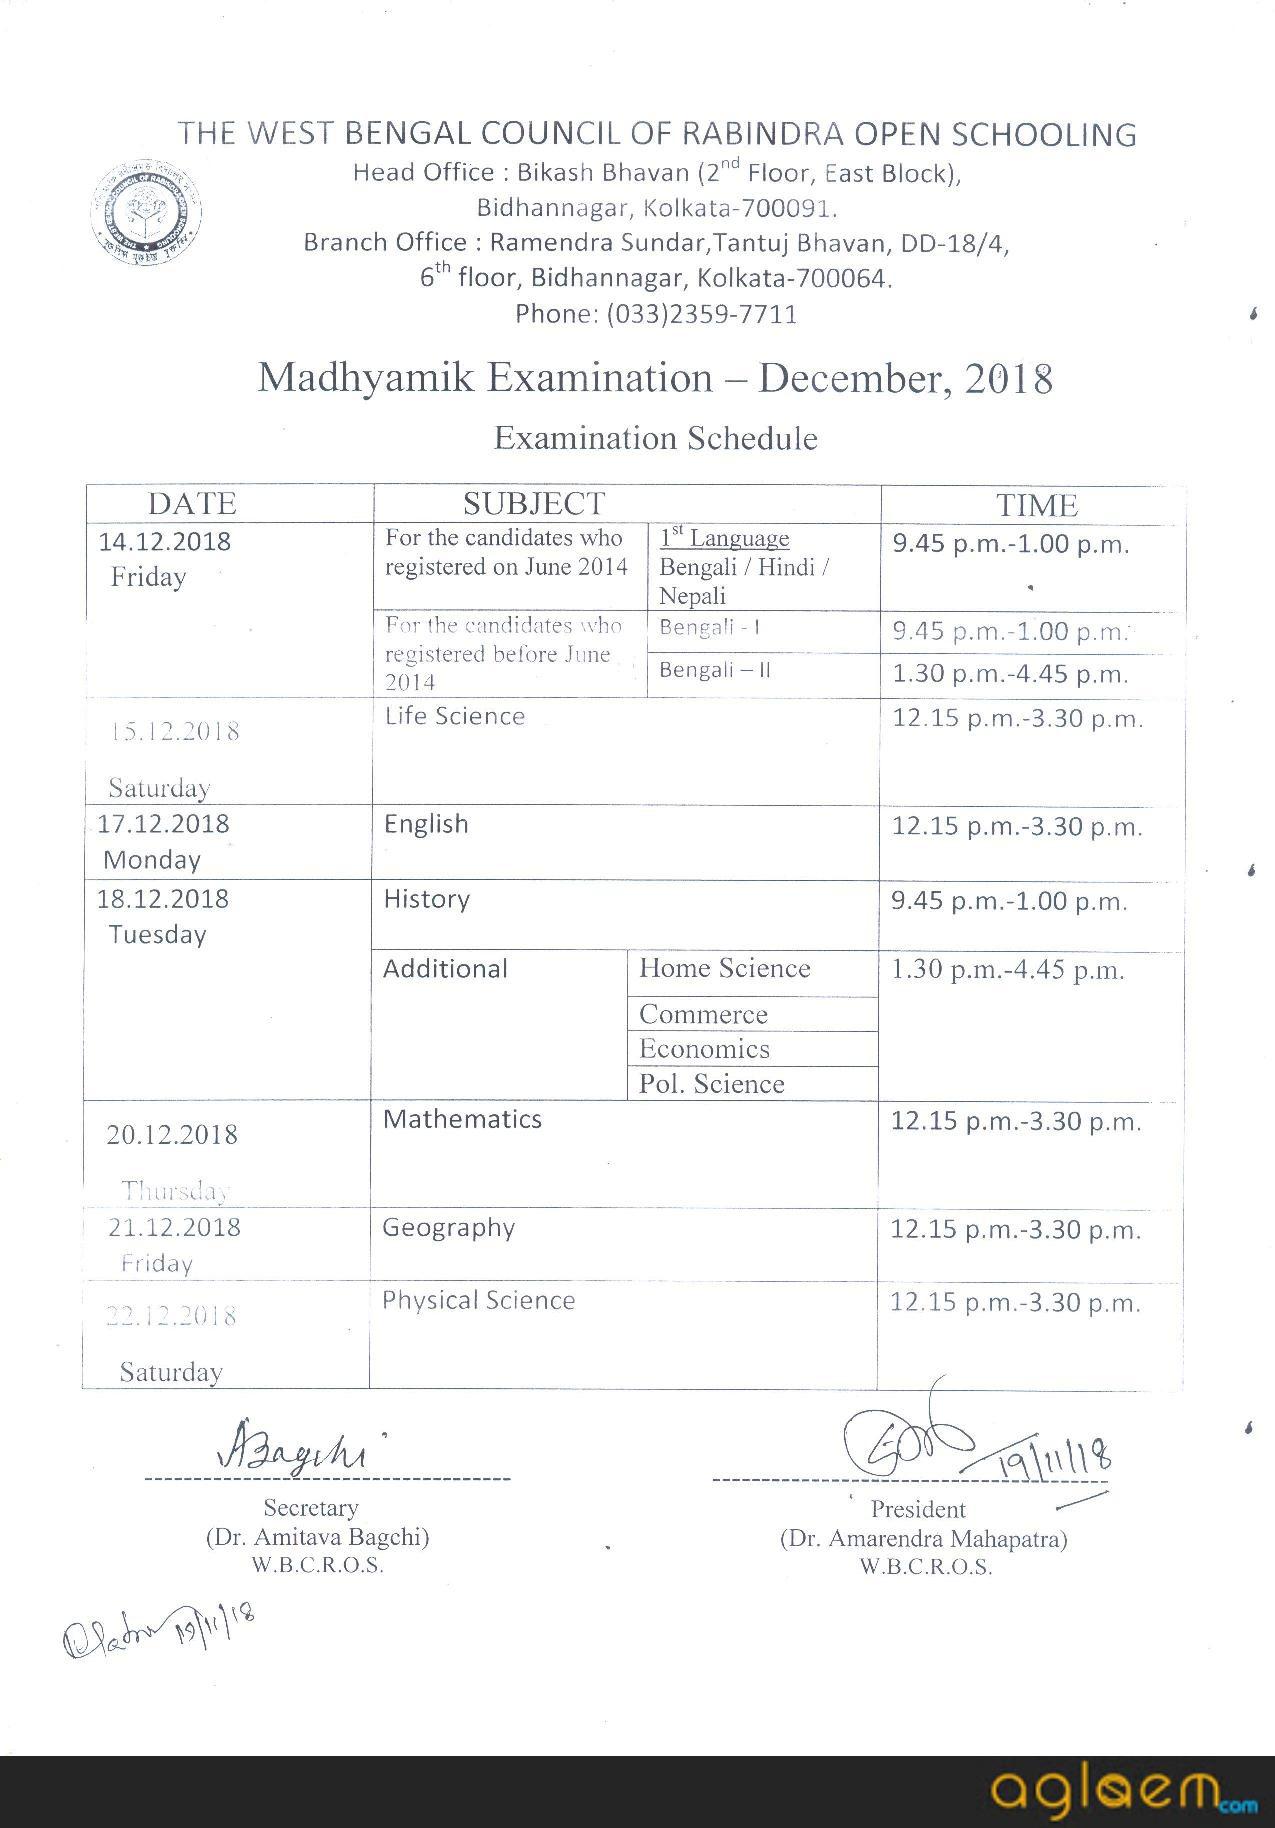 Rabindra Mukta Vidyalaya Madhyamik Exam Routine 2018